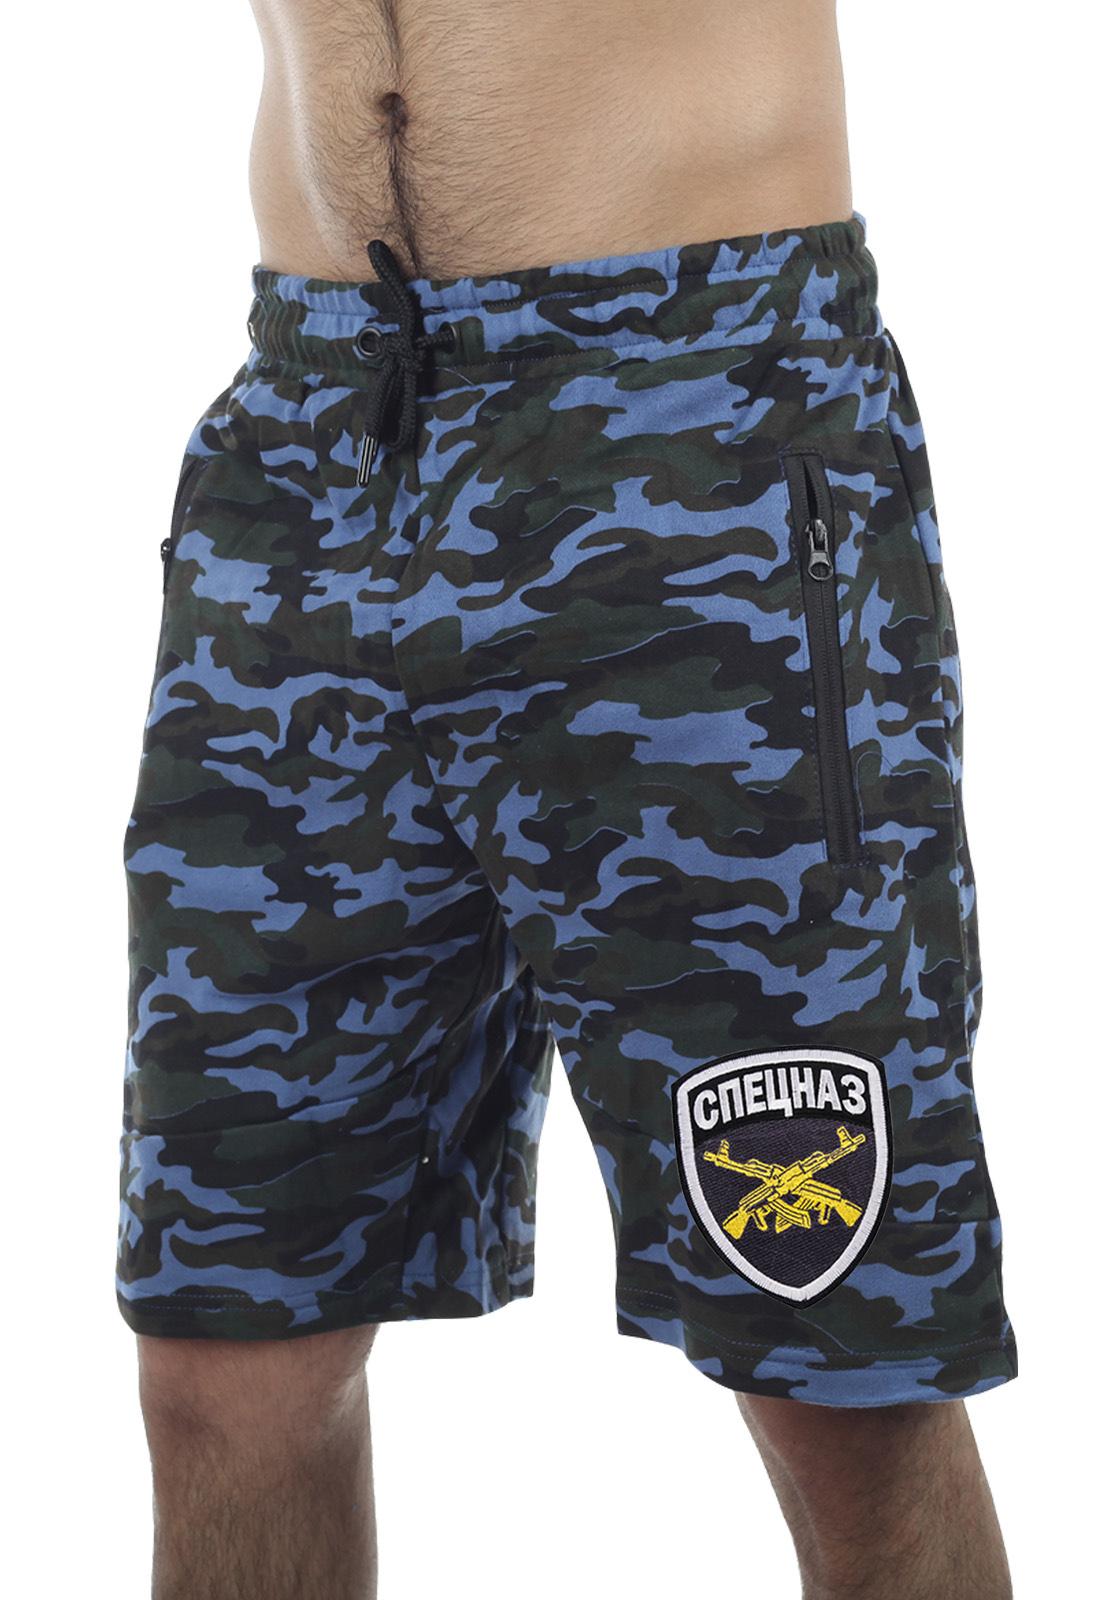 Форма Спецназа в общем доступе – мужские шорты Woodland.